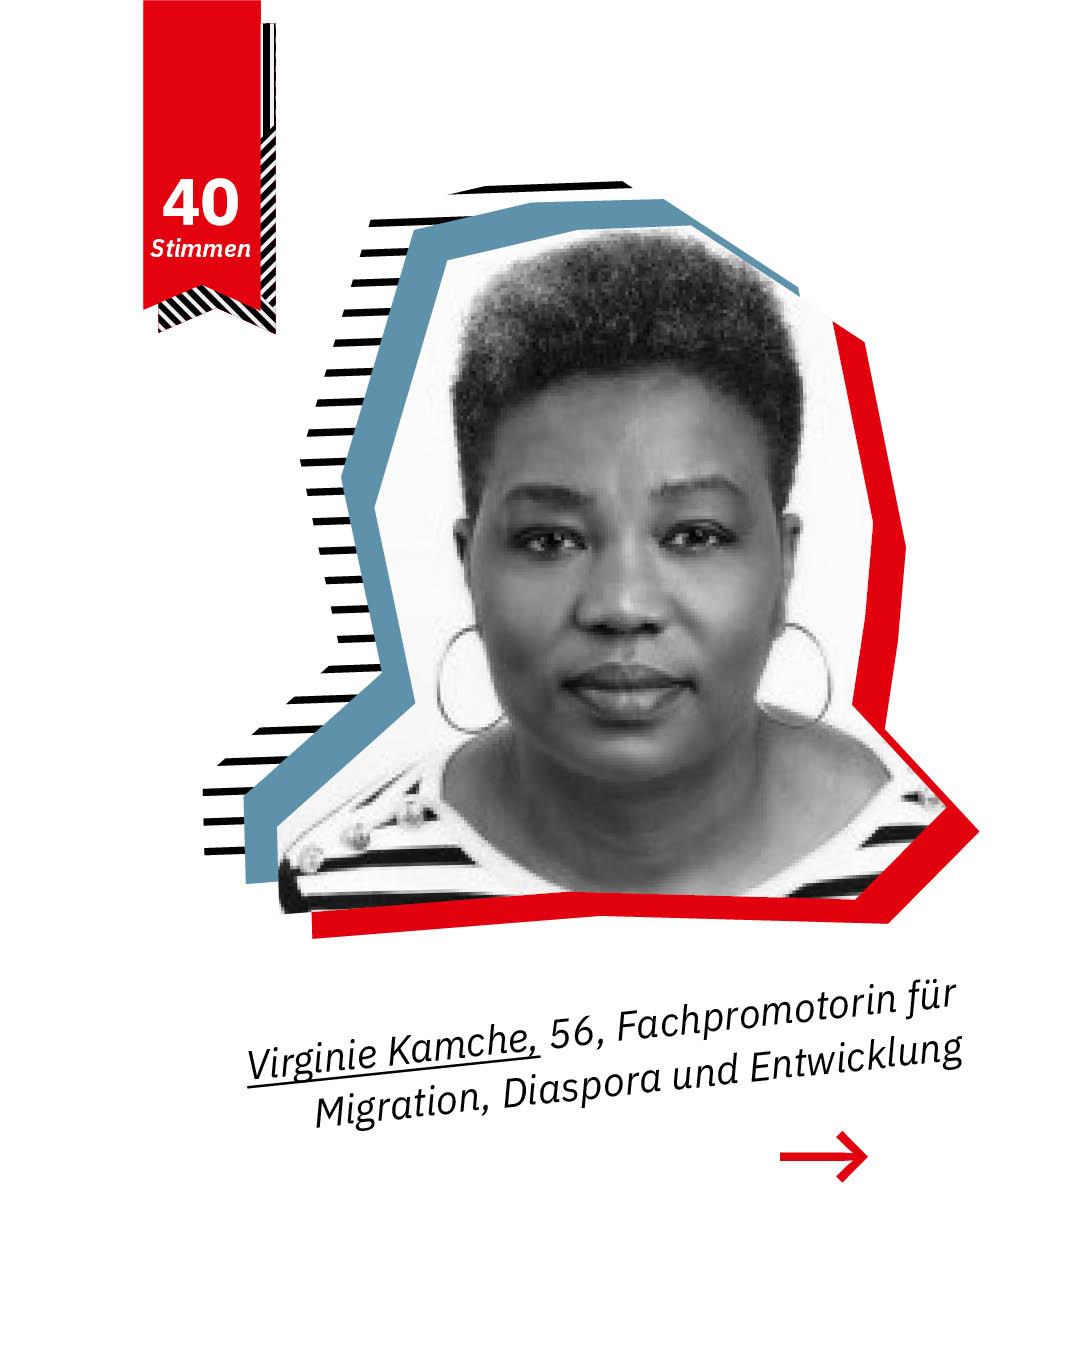 Statement 40 Jahre Gleichberechtigung, Virginie Kamche, Fachpromotorin für Migration, Diaspora und Entwicklung